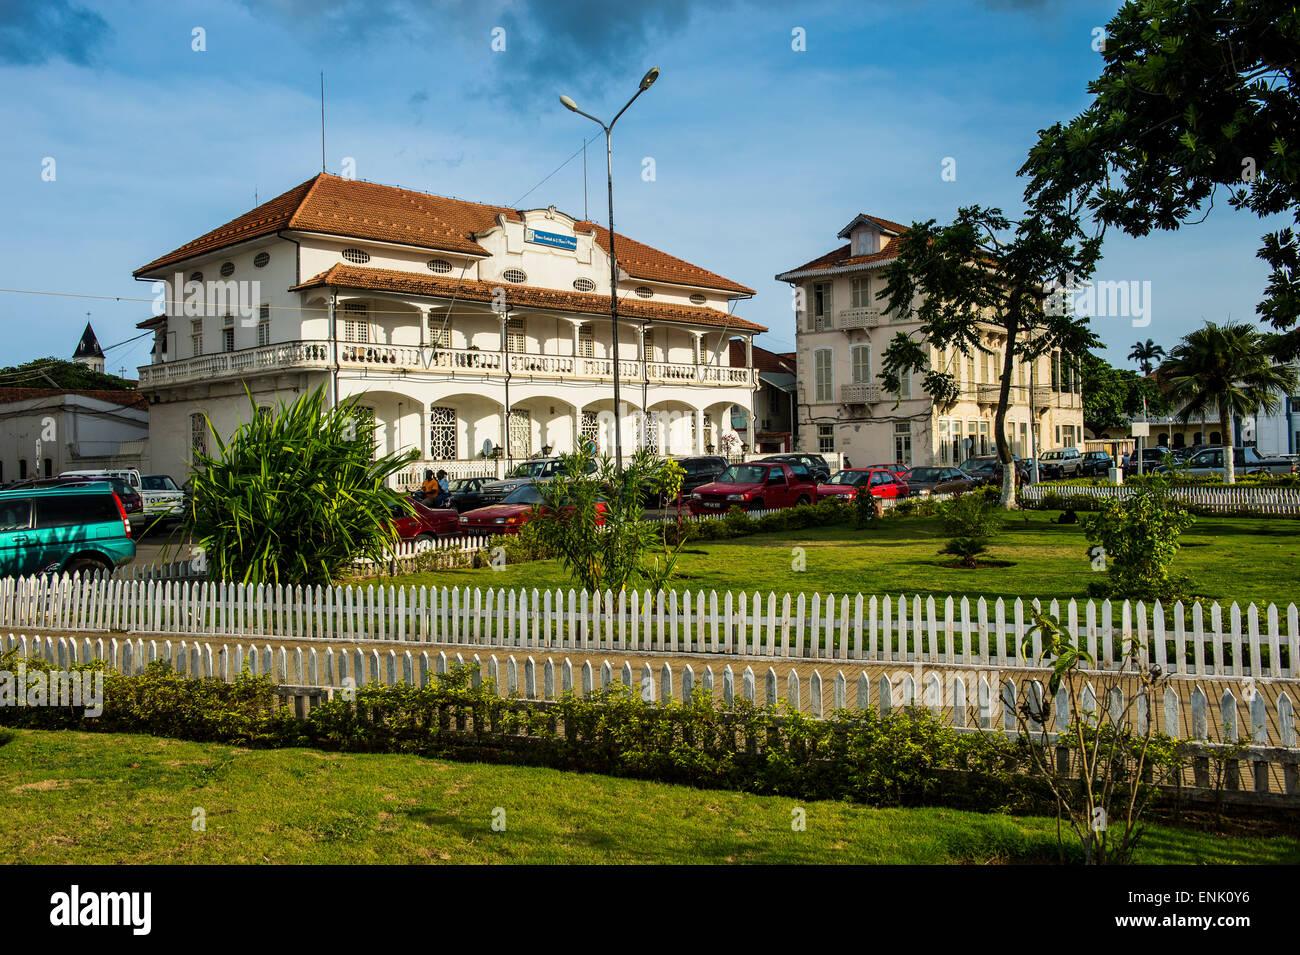 Kolonialen Gebäuden auf dem Unabhängigkeitsplatz in der Stadt São Tomé, Sao Tome und Principe, Stockbild